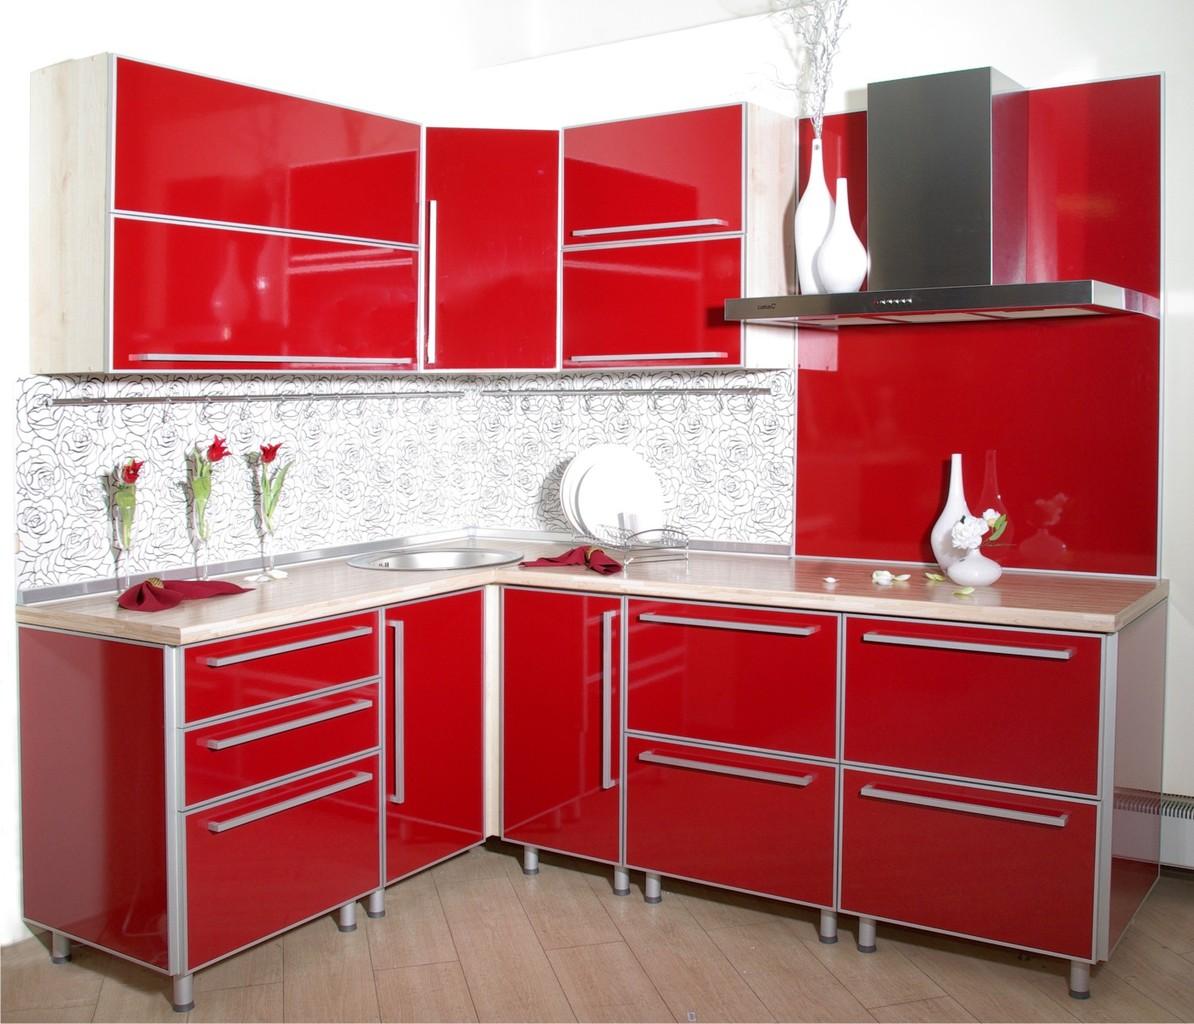 Интересная и современная мебель для кухни, подходит для очень маленьких помещений. Здесь все достаточно просто и